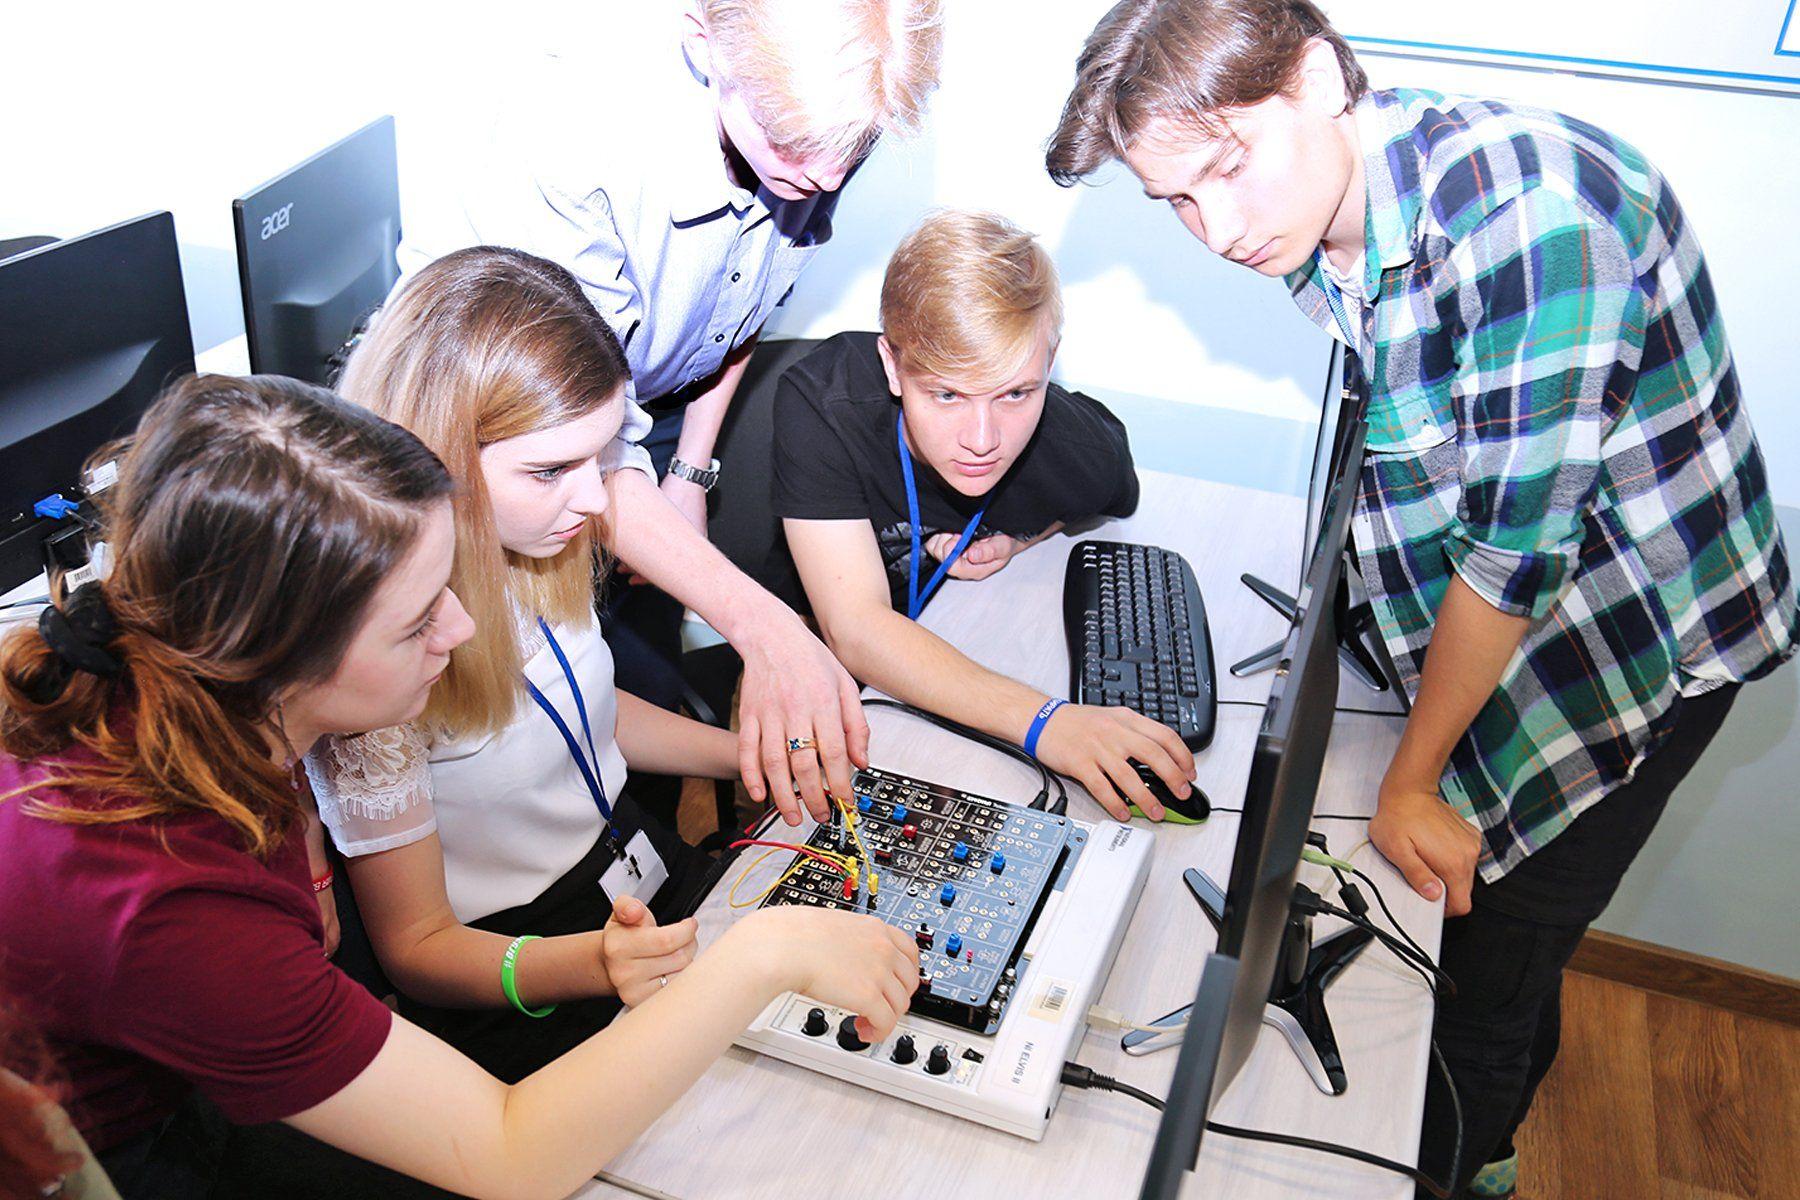 Приглашенный спикер – студентам ВГУЭС: 5G – технология будущего?